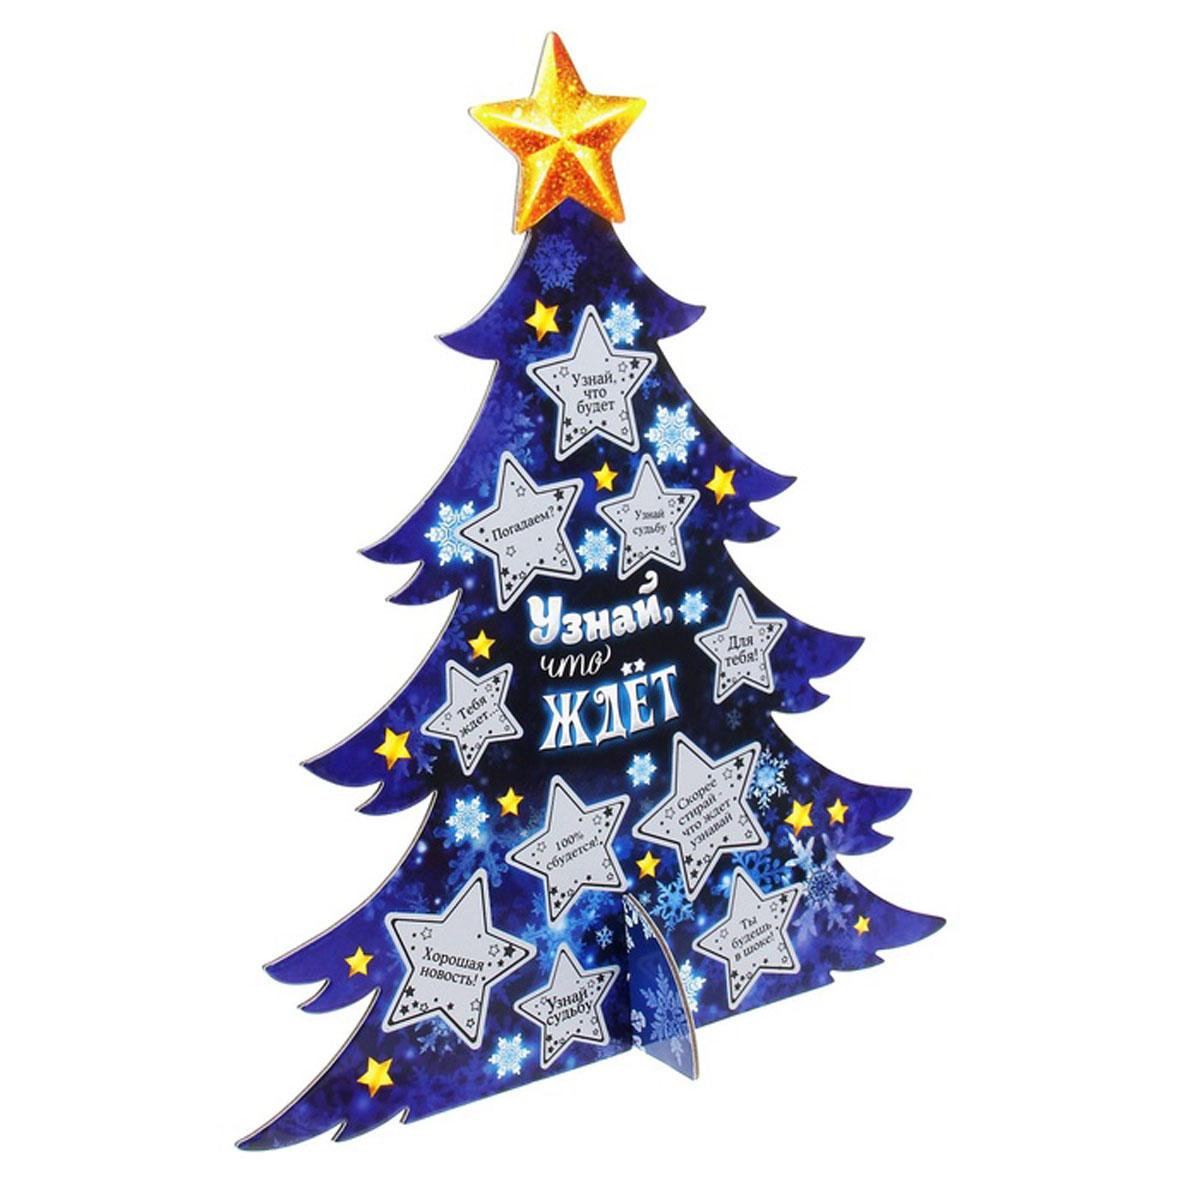 Украшение новогоднее Sima-land Узнай, что ждет..., со скретч-слоем, 24,7 х 28,7 см1099051Украшение новогоднее Sima-land Узнай, что ждет..., изготовленное из картона, отлично подойдет для декорации вашего дома. Украшение выполнено в виде ели, декорированной снежинками, которая собирается из двух частей крест-накрест. На деревце развешаны, словно игрушки, маленькие пожелания под скретч-слоем, который нужно стереть, когда часы пробьют двенадцать. Новогодние украшения всегда несут в себе волшебство и красоту праздника. Создайте в своем доме атмосферу тепла, веселья и радости, украшая его всей семьей.